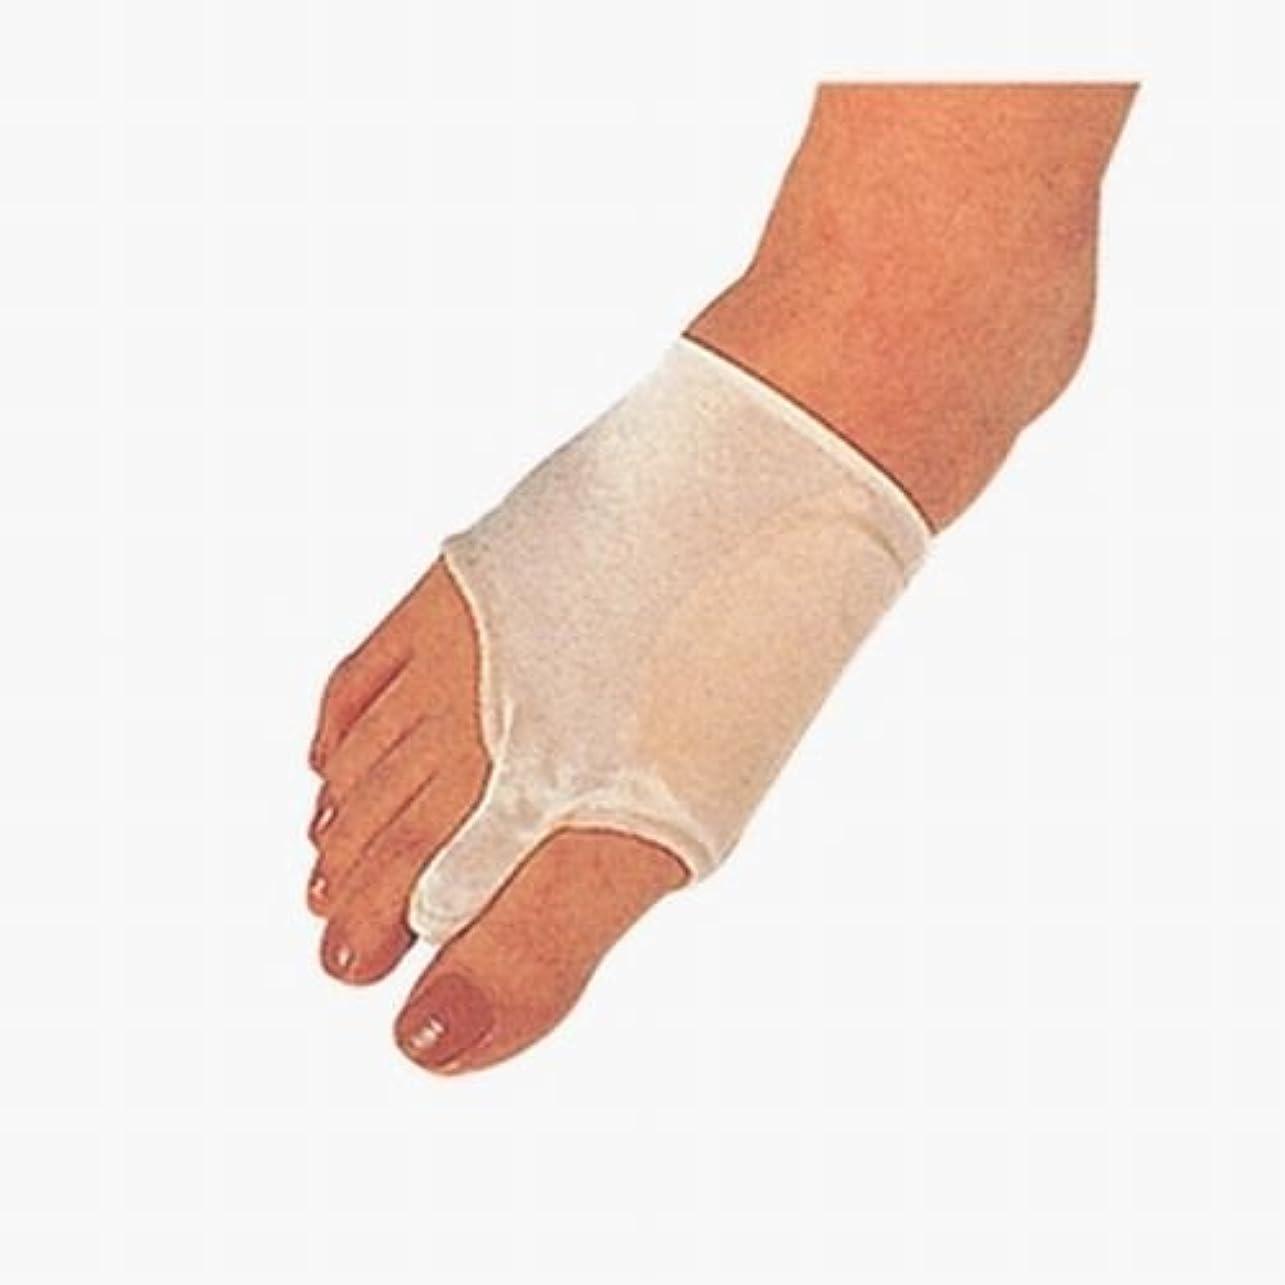 好きスコットランド人トレーニングSORBO(ソルボ) ソルボ外反母趾サポーター薄型(片方入り/右足用)